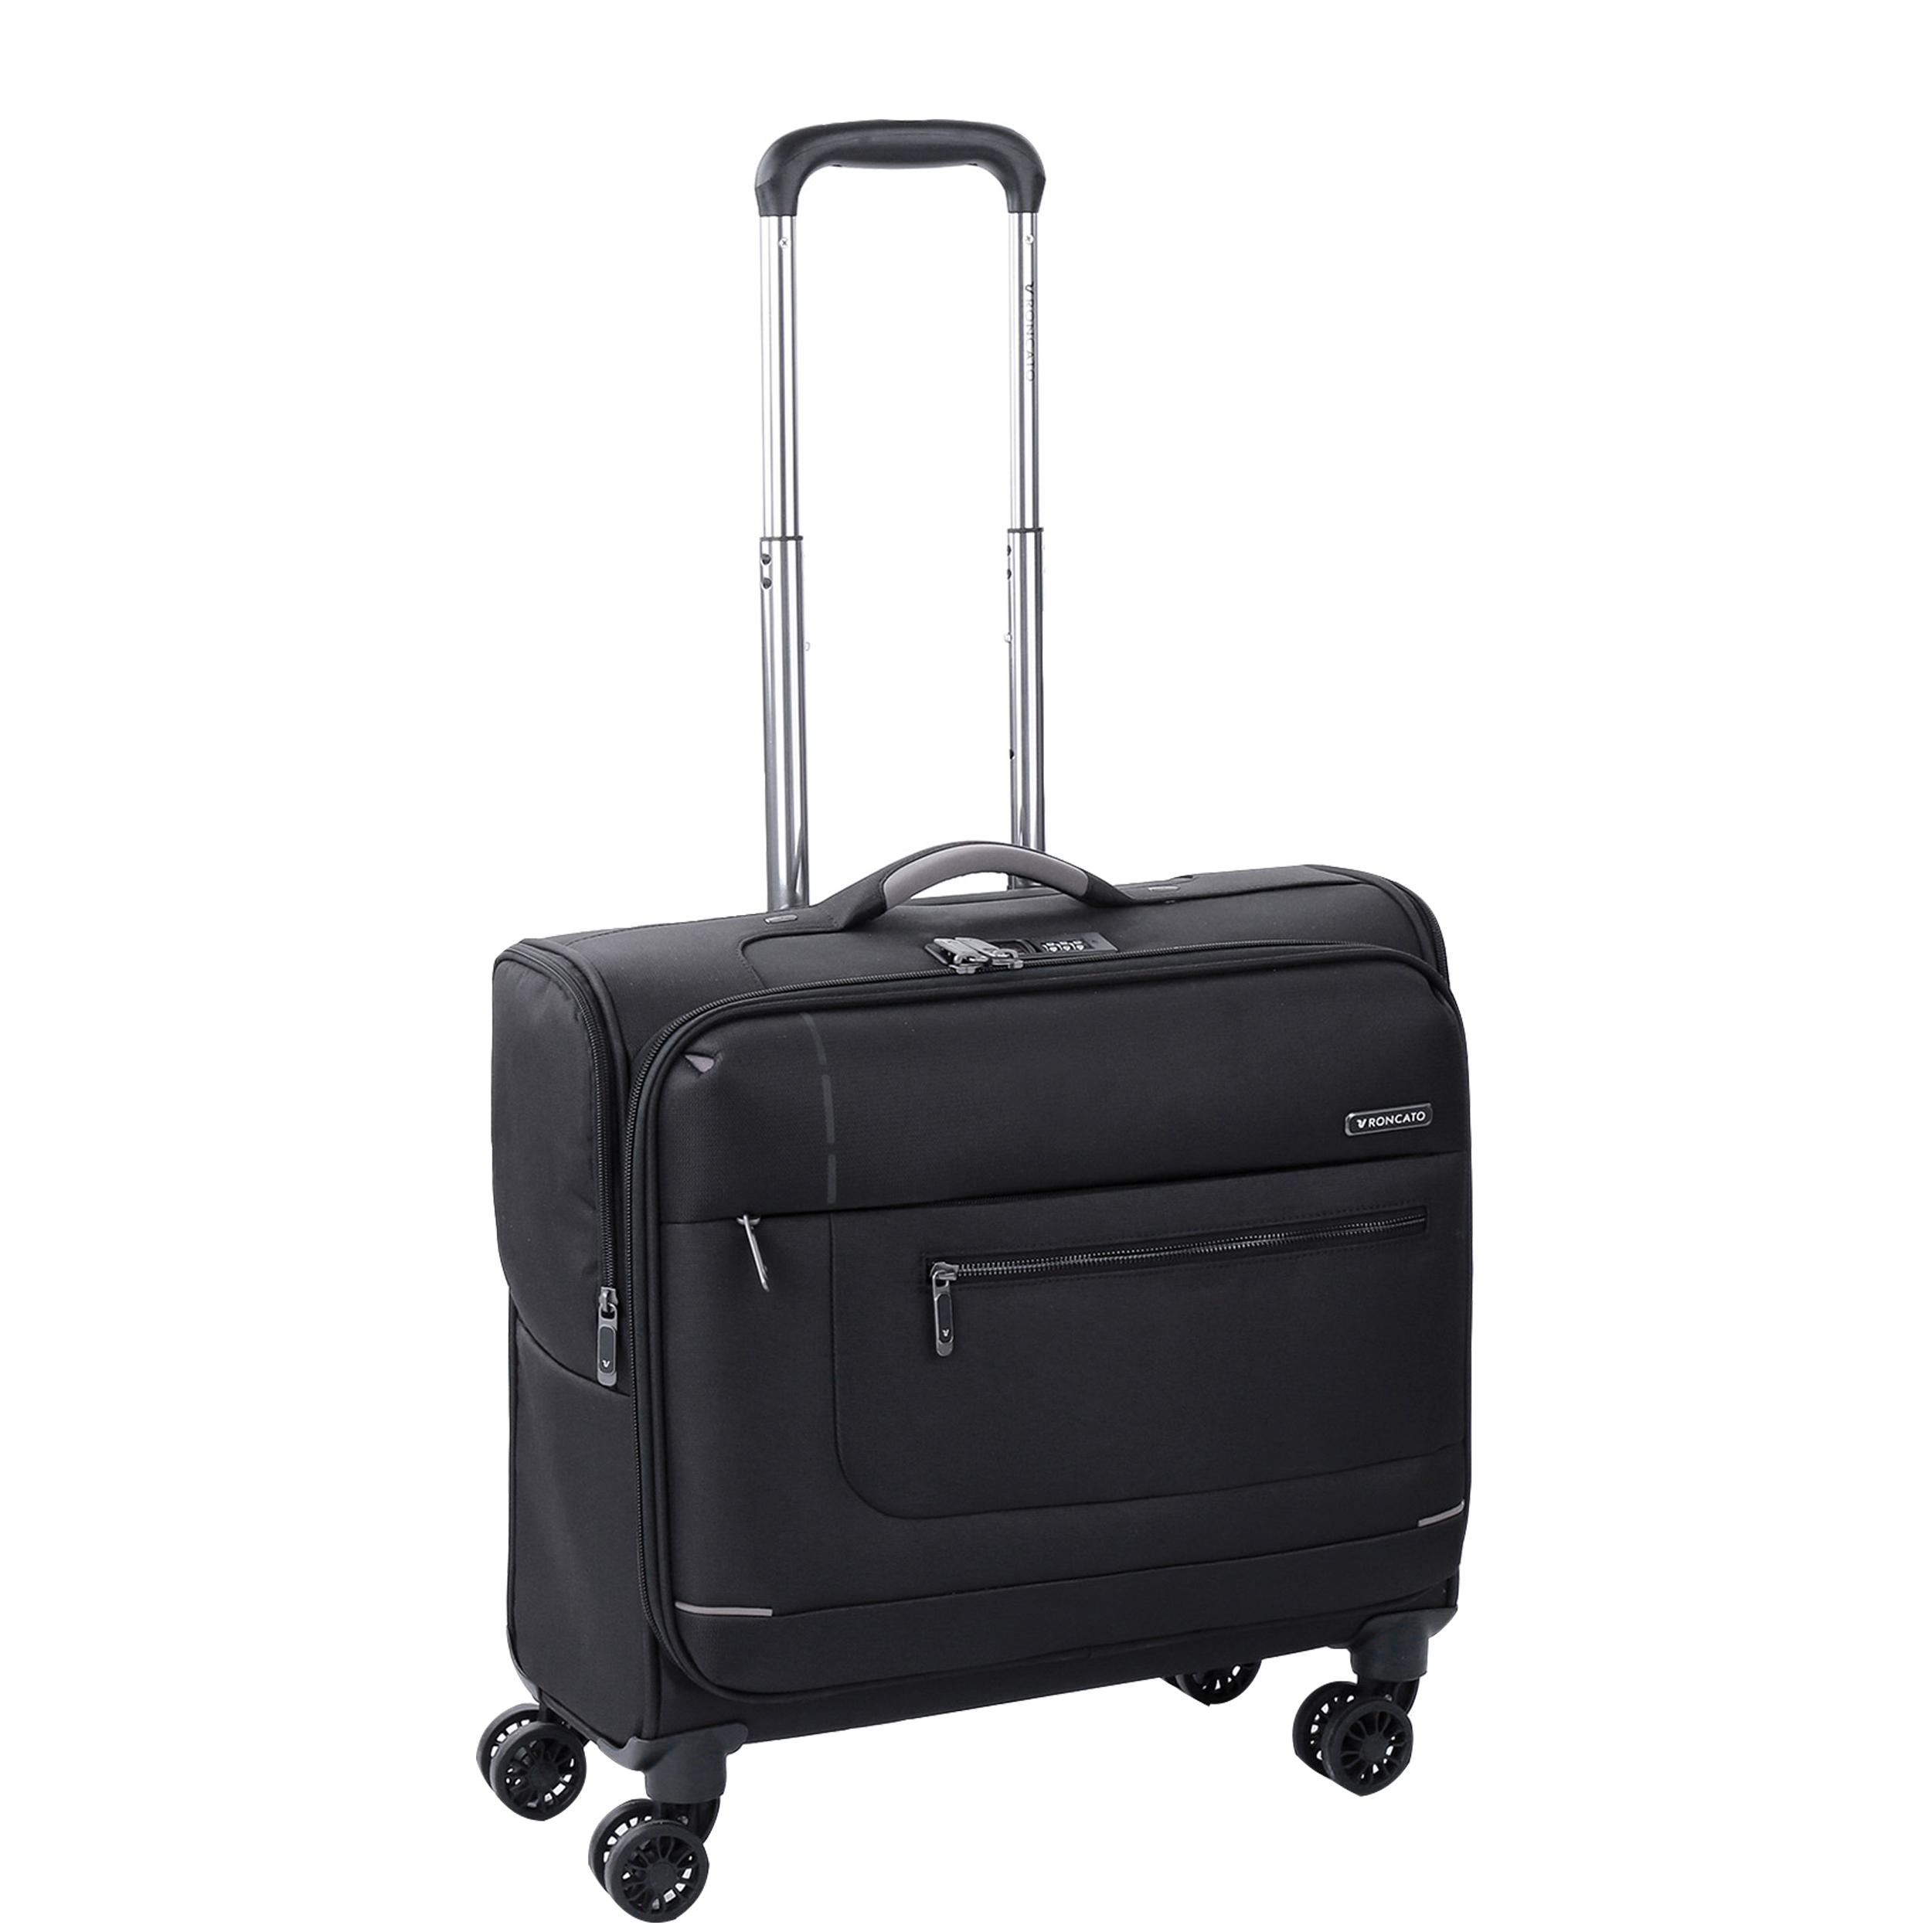 چمدان خلبانی رونکاتو مدل SIDETRACK کد 415284